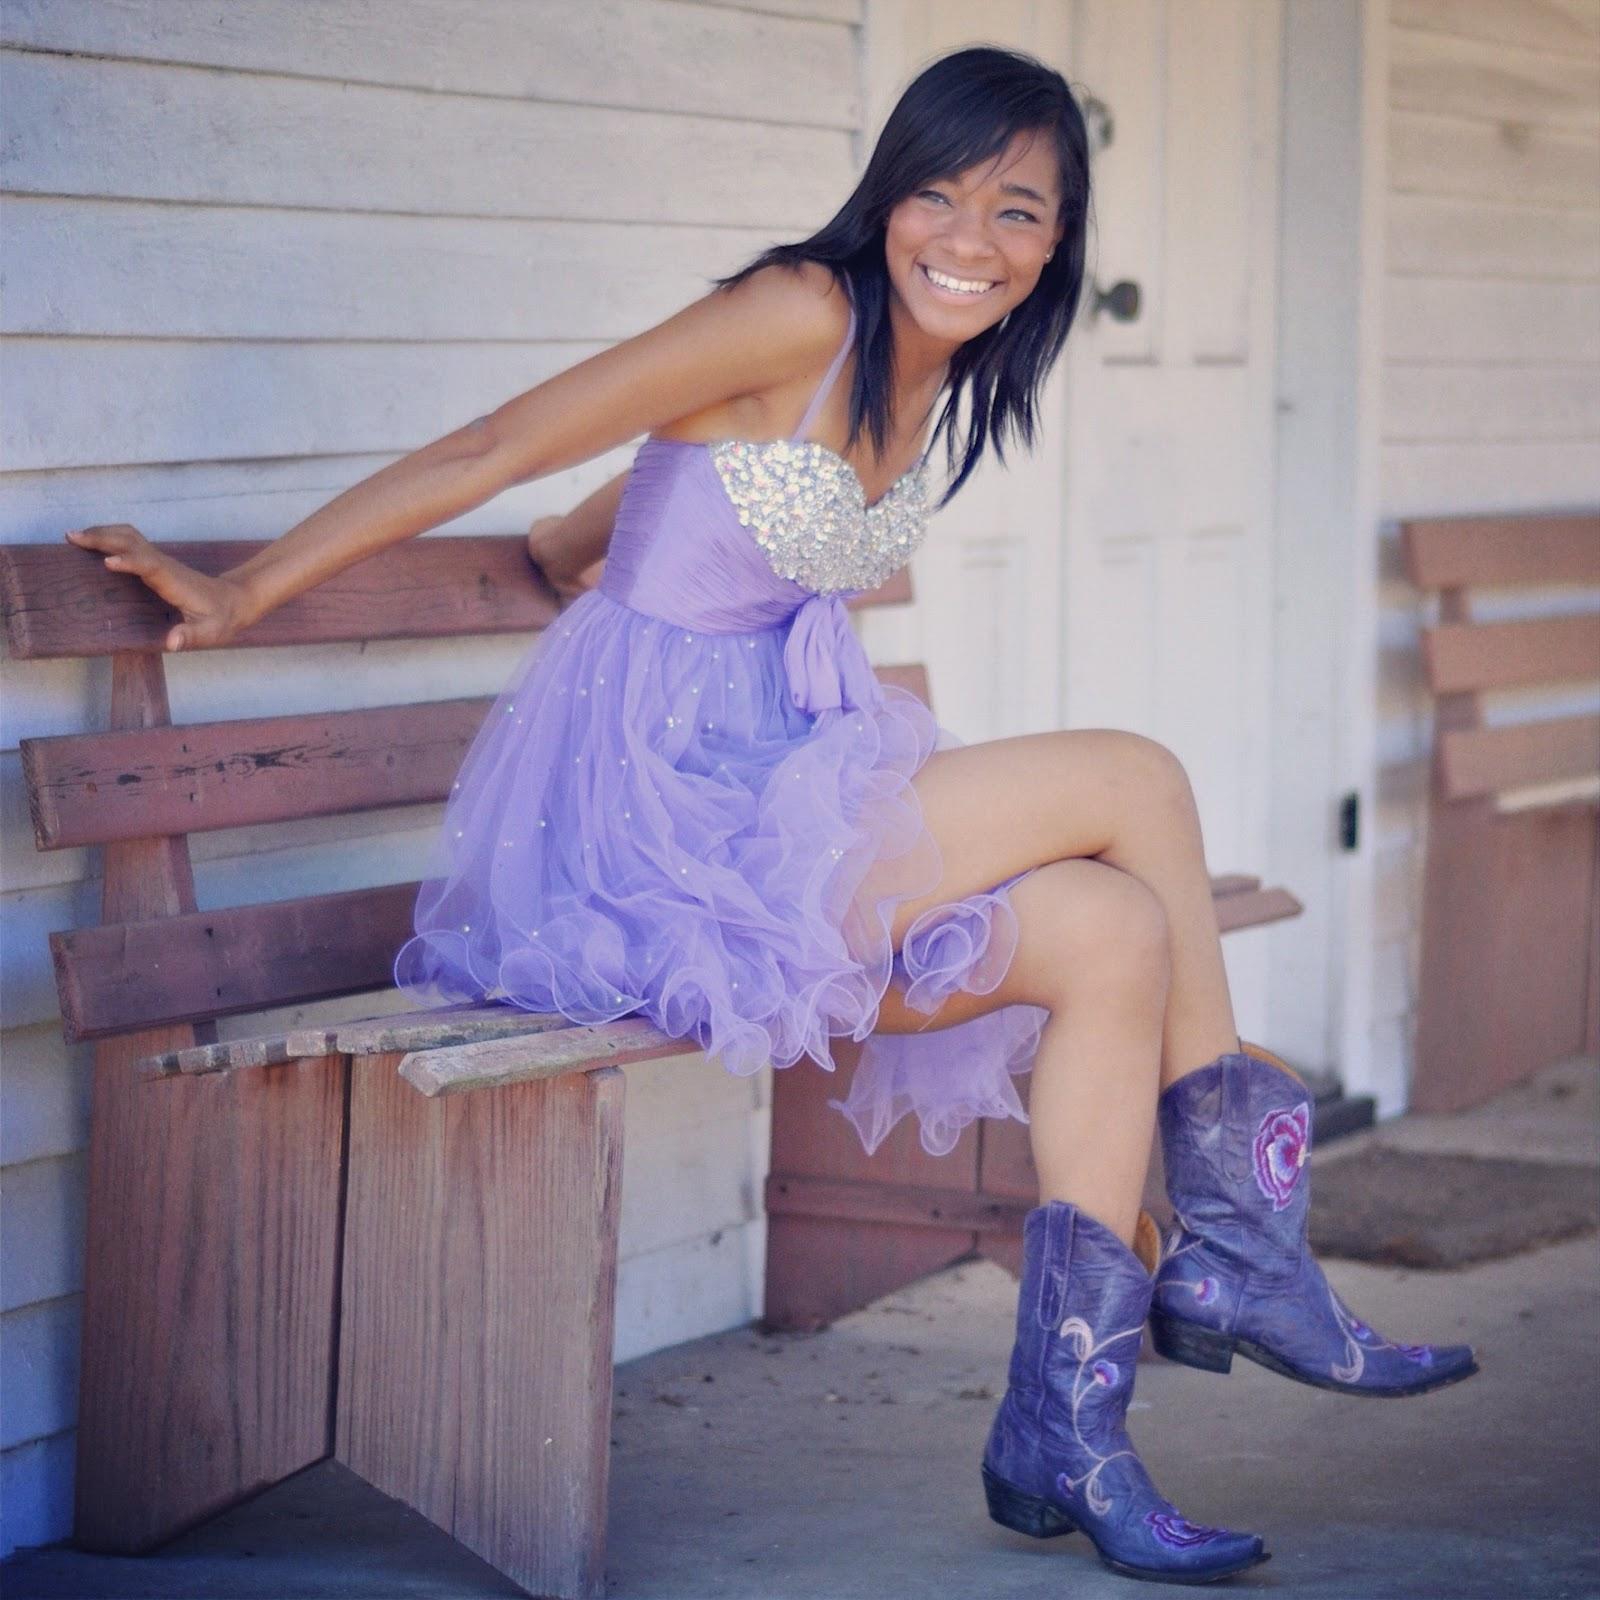 http://1.bp.blogspot.com/-U6JdOLy3P3Q/T8mZJlt2ayI/AAAAAAAAGS0/5Sn26q7ZoYg/s1600/Imaj-Purple-Dress-Boots.JPG